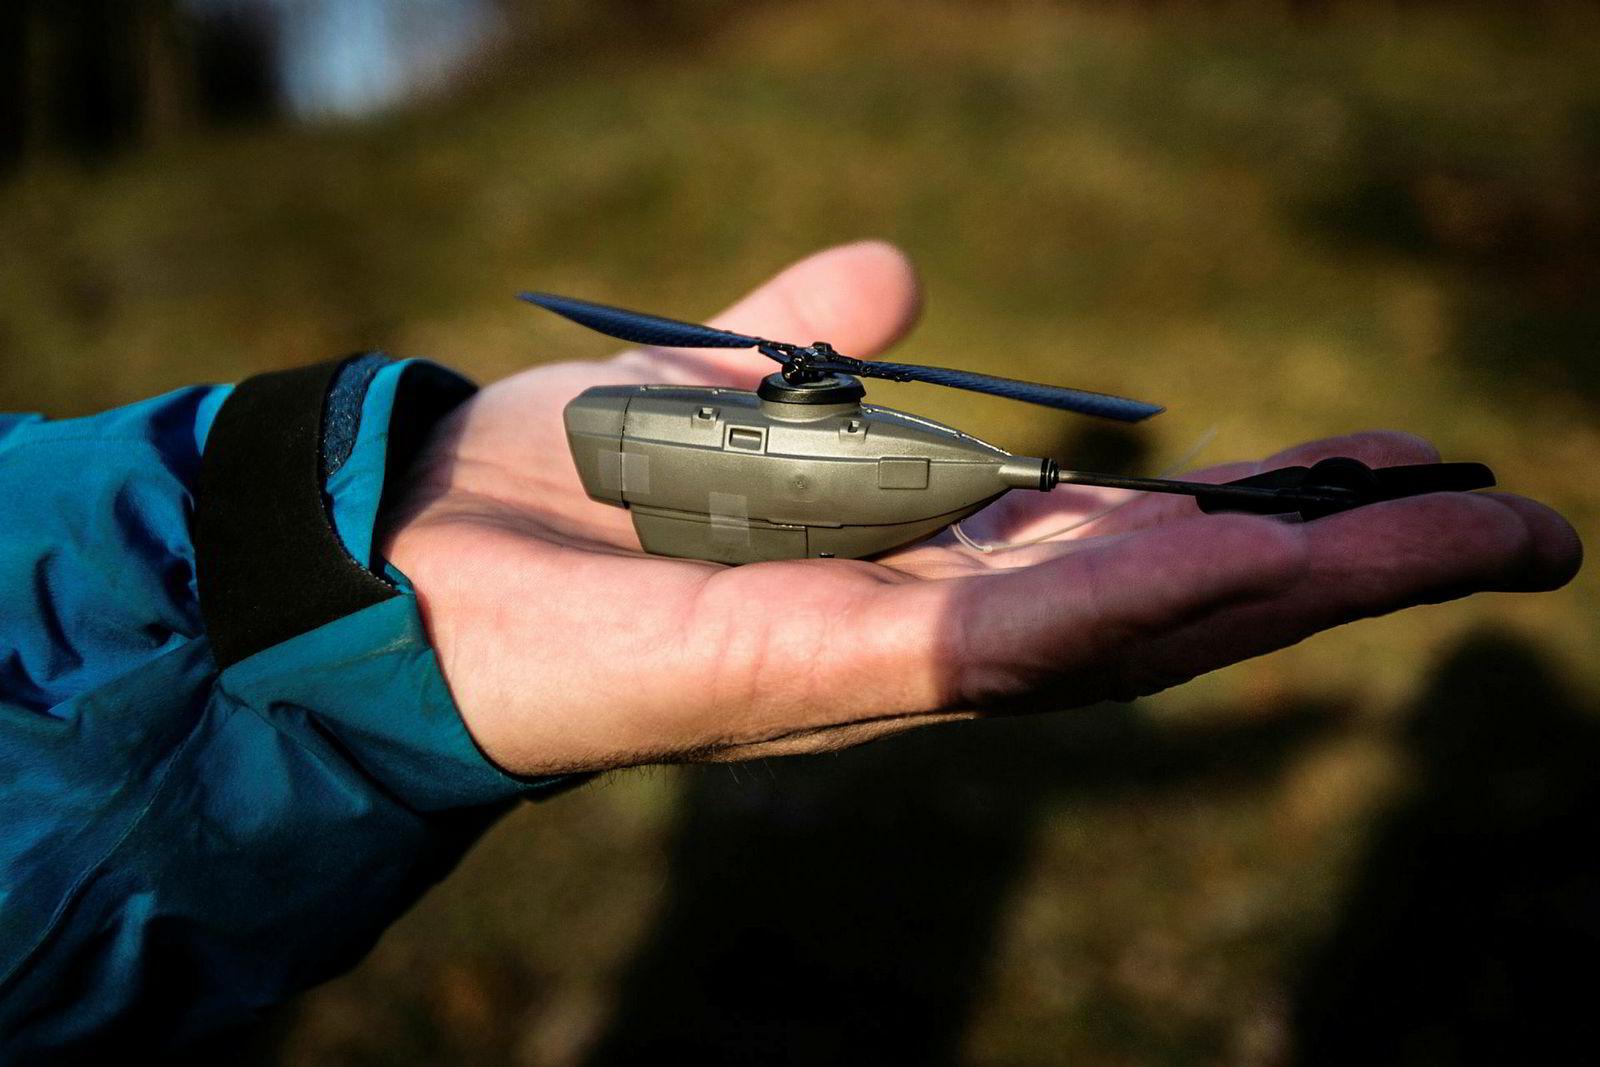 Black Hornet-helikoptrene veier bare 18 gram, og kommer i nattversjon og dagversjon.